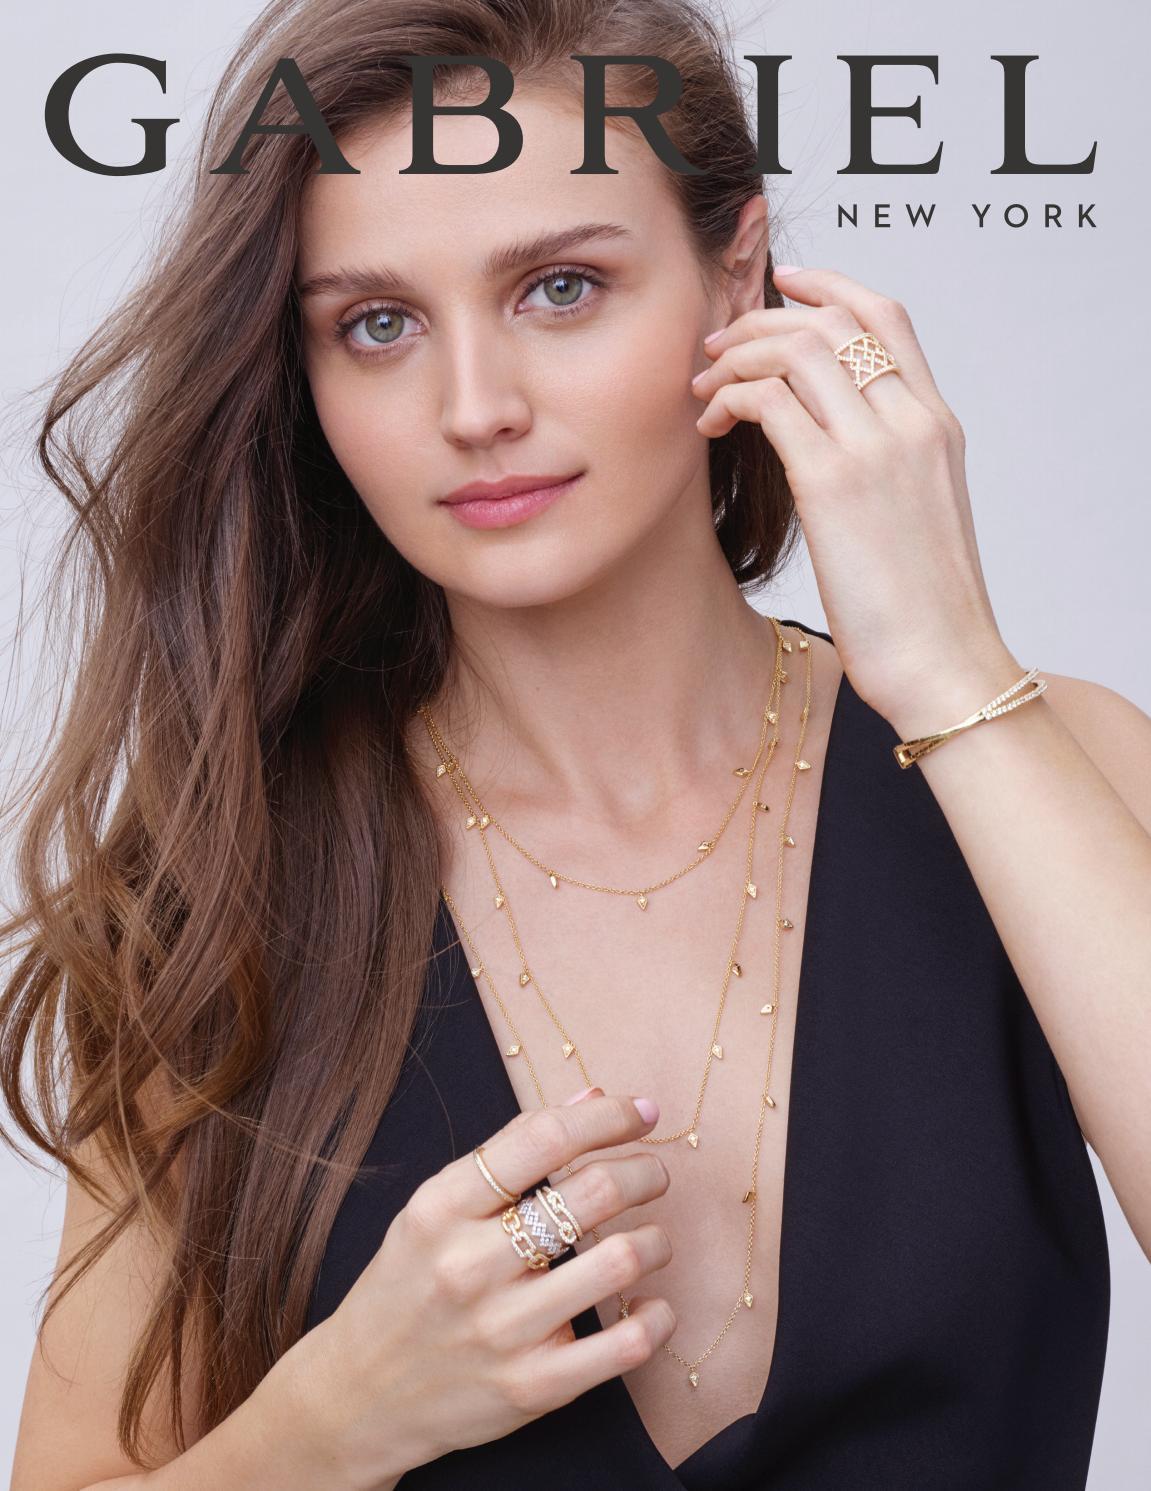 Gabriel Fashion Catalog by Carroll / Ochs - issuu